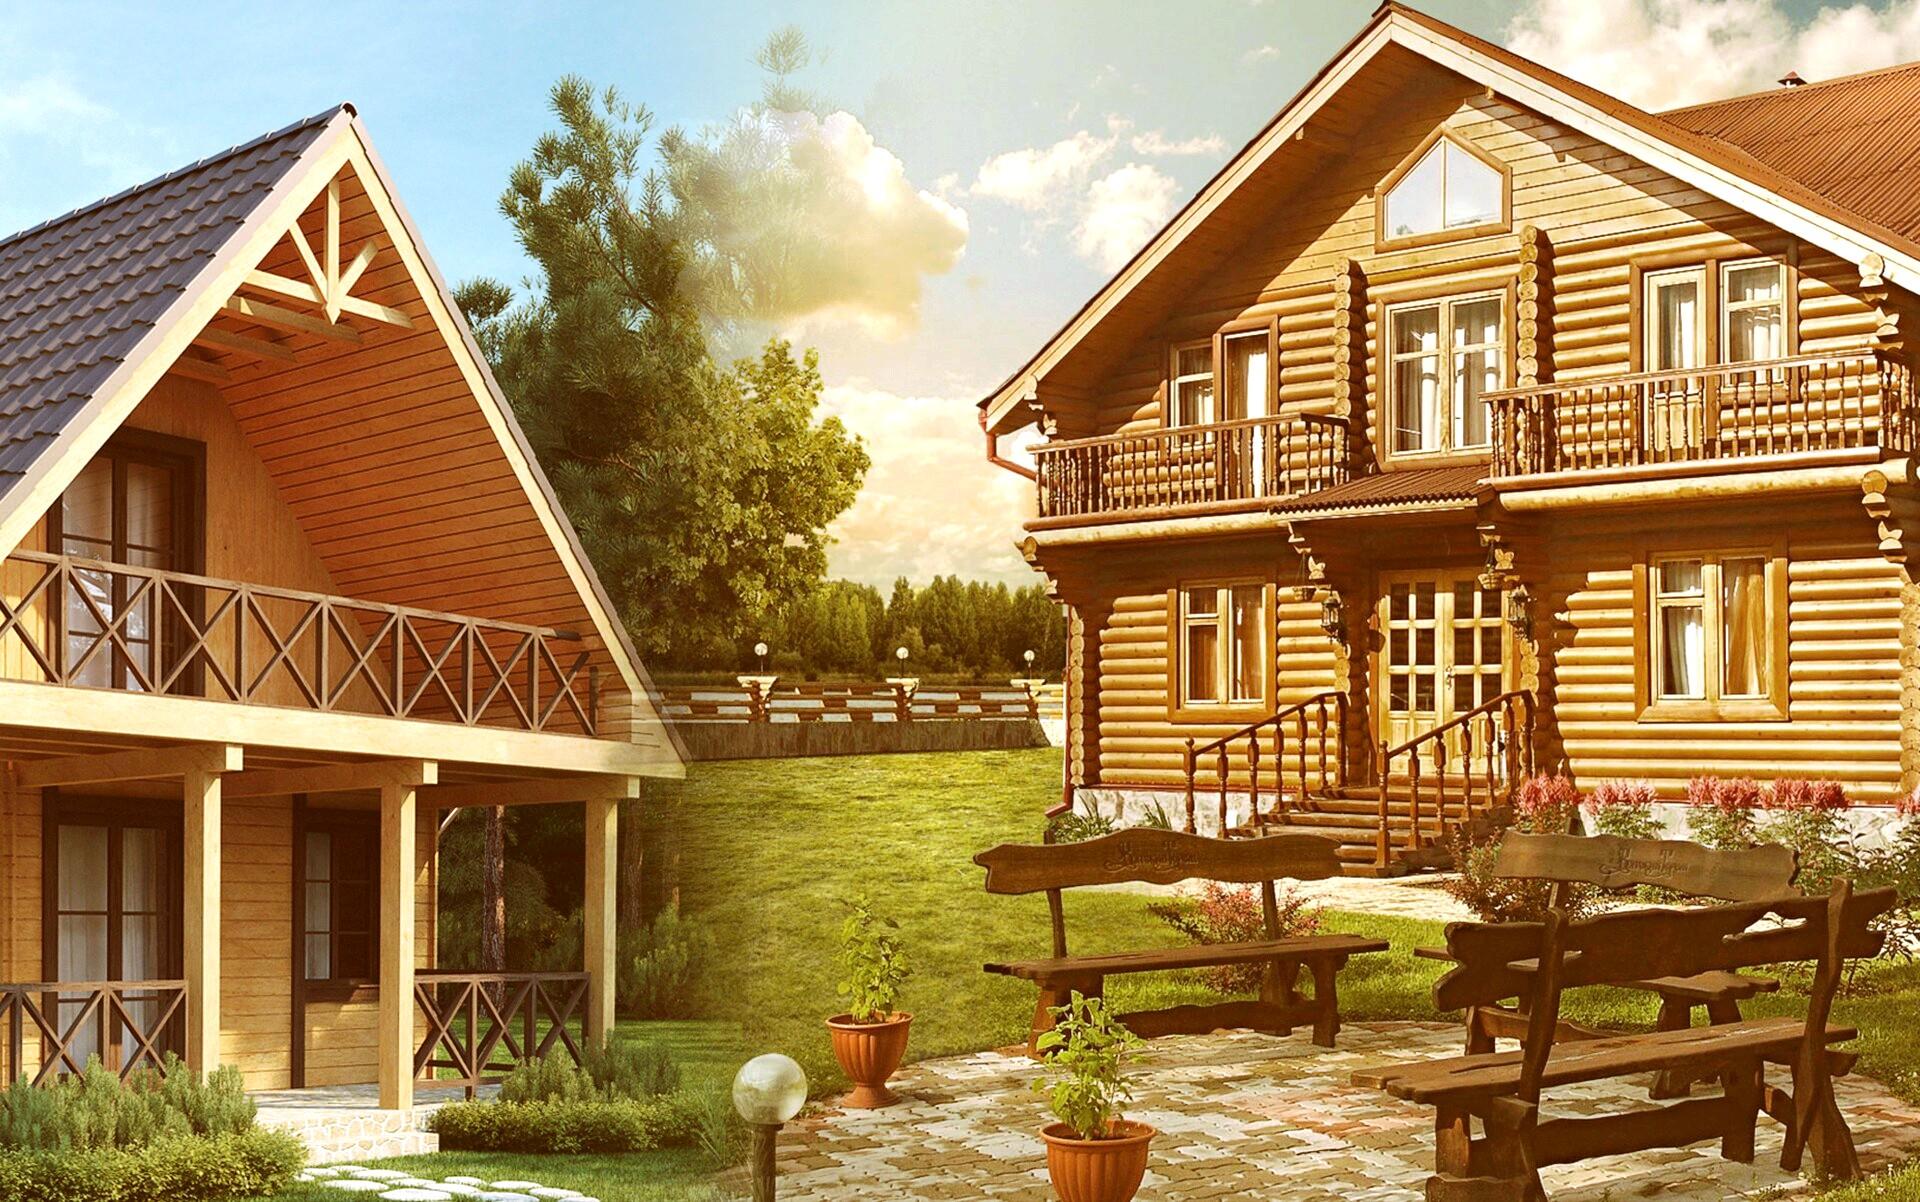 Руф нн торгово-строительная компания недвижимость Ижевск строительная компания